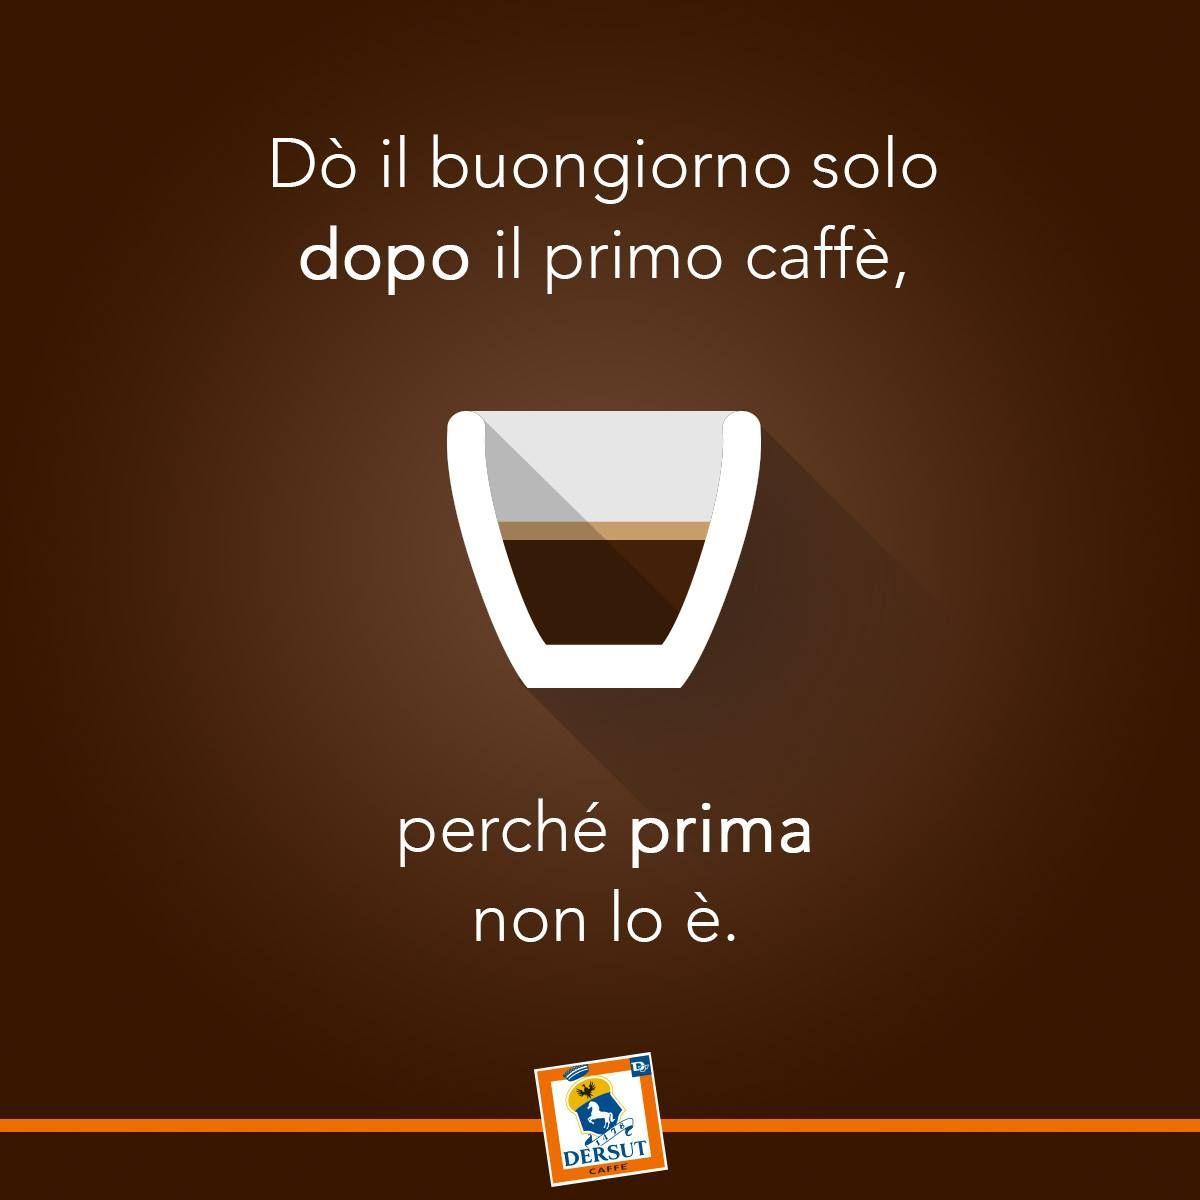 Caffe Coffee Espresso Caffeina Divertente Funny Lol Meme